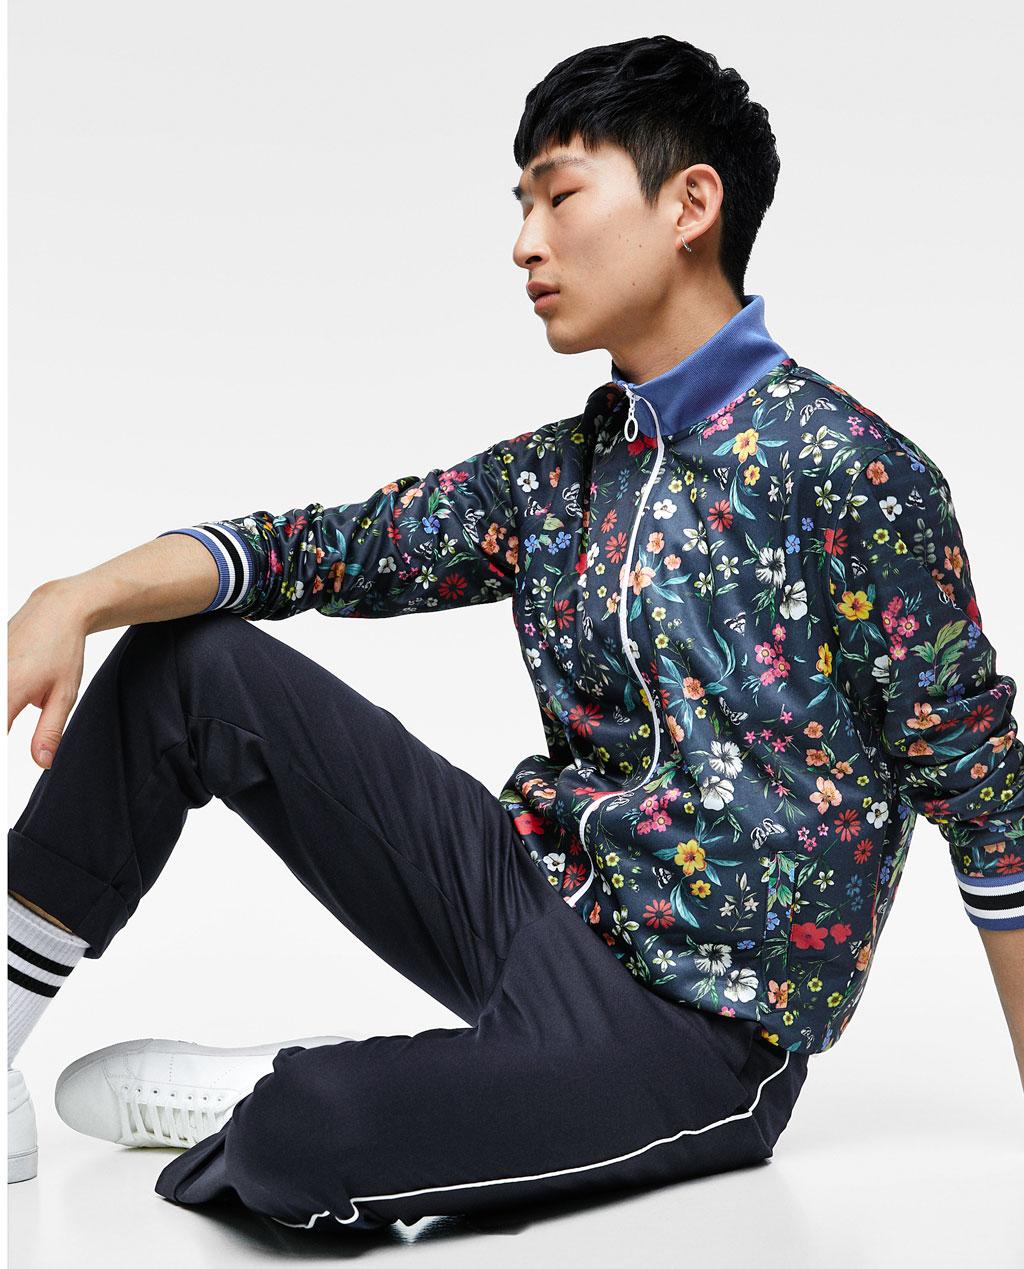 Thời trang nam Zara  23955 - ảnh 3